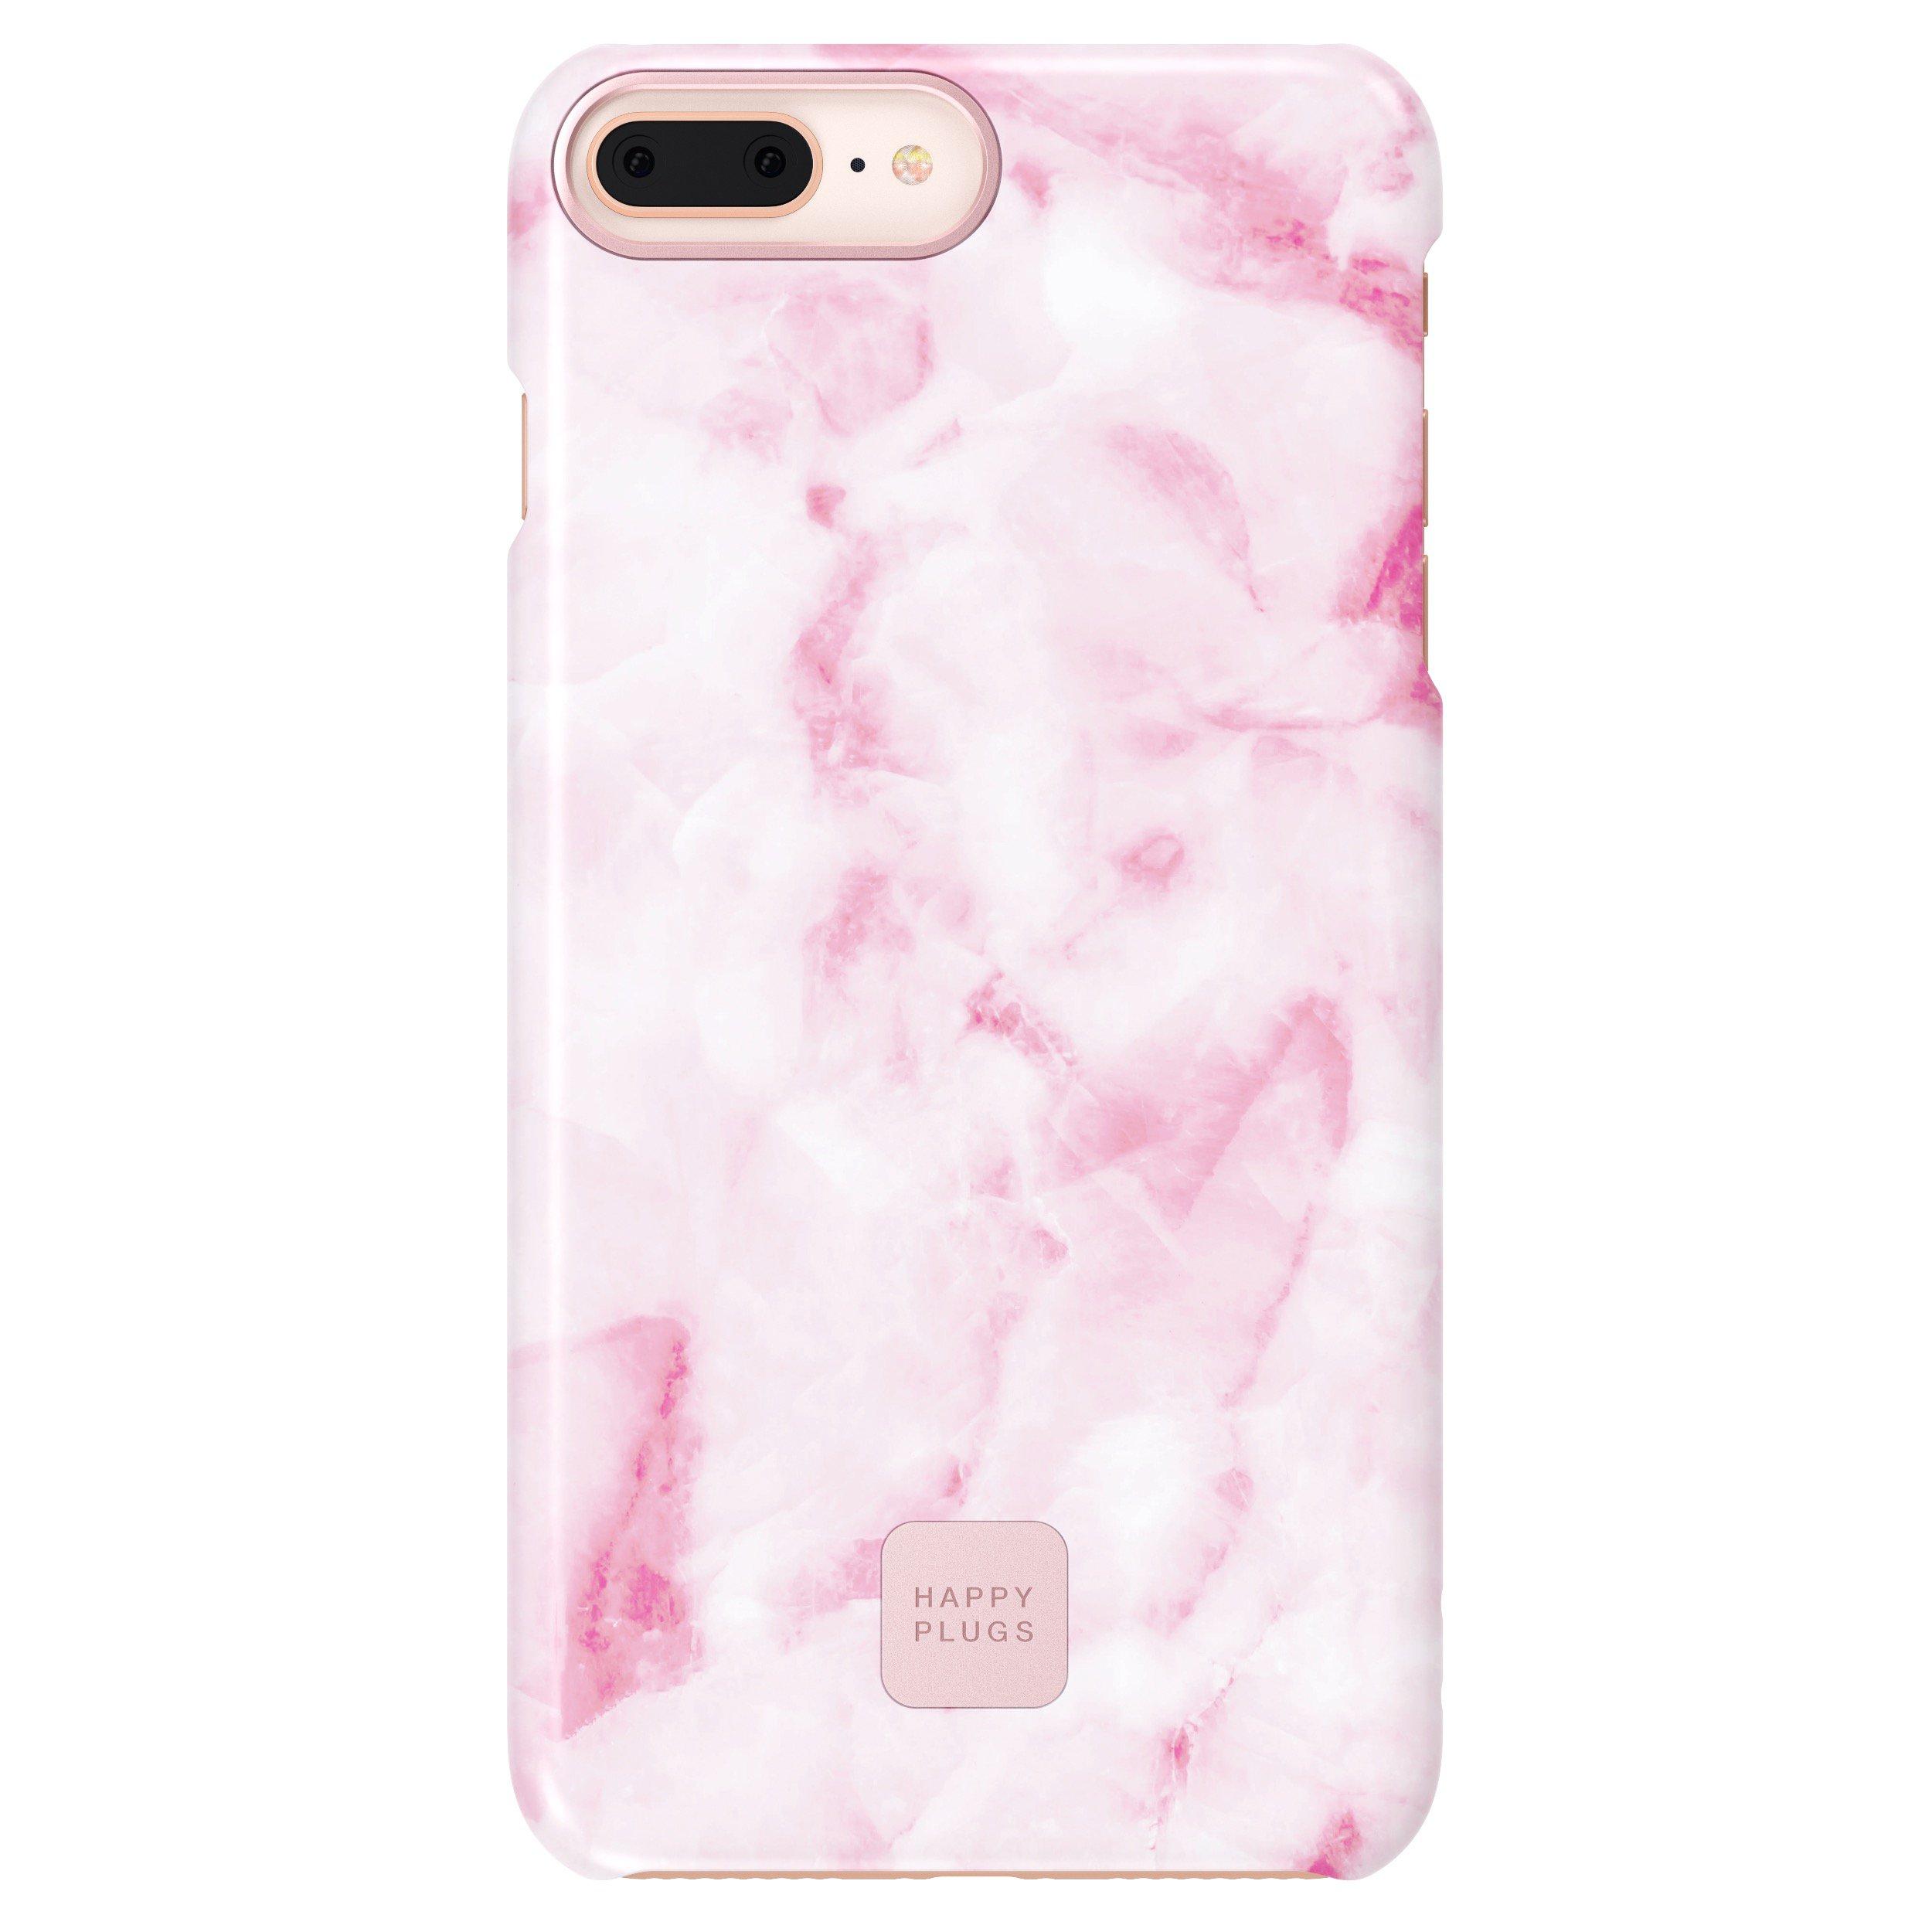 Ultratenký obal na iPhone 7/8 Plus - růžový mramor